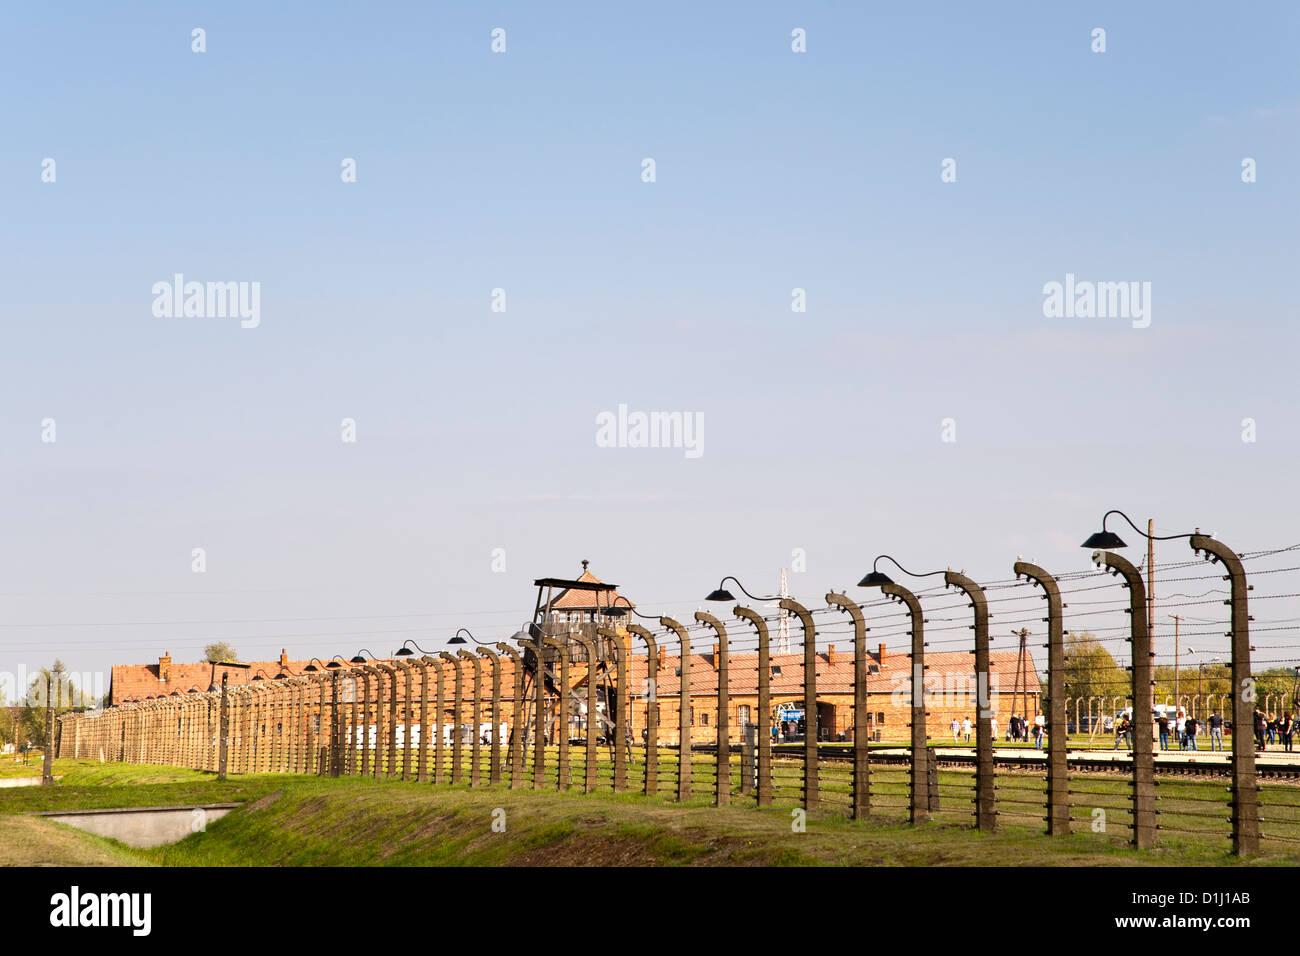 Elettrificate, di filo spinato scherma presso il museo della ex II DI AUSCHWITZ-BIRKENAU campo di concentramento Immagini Stock